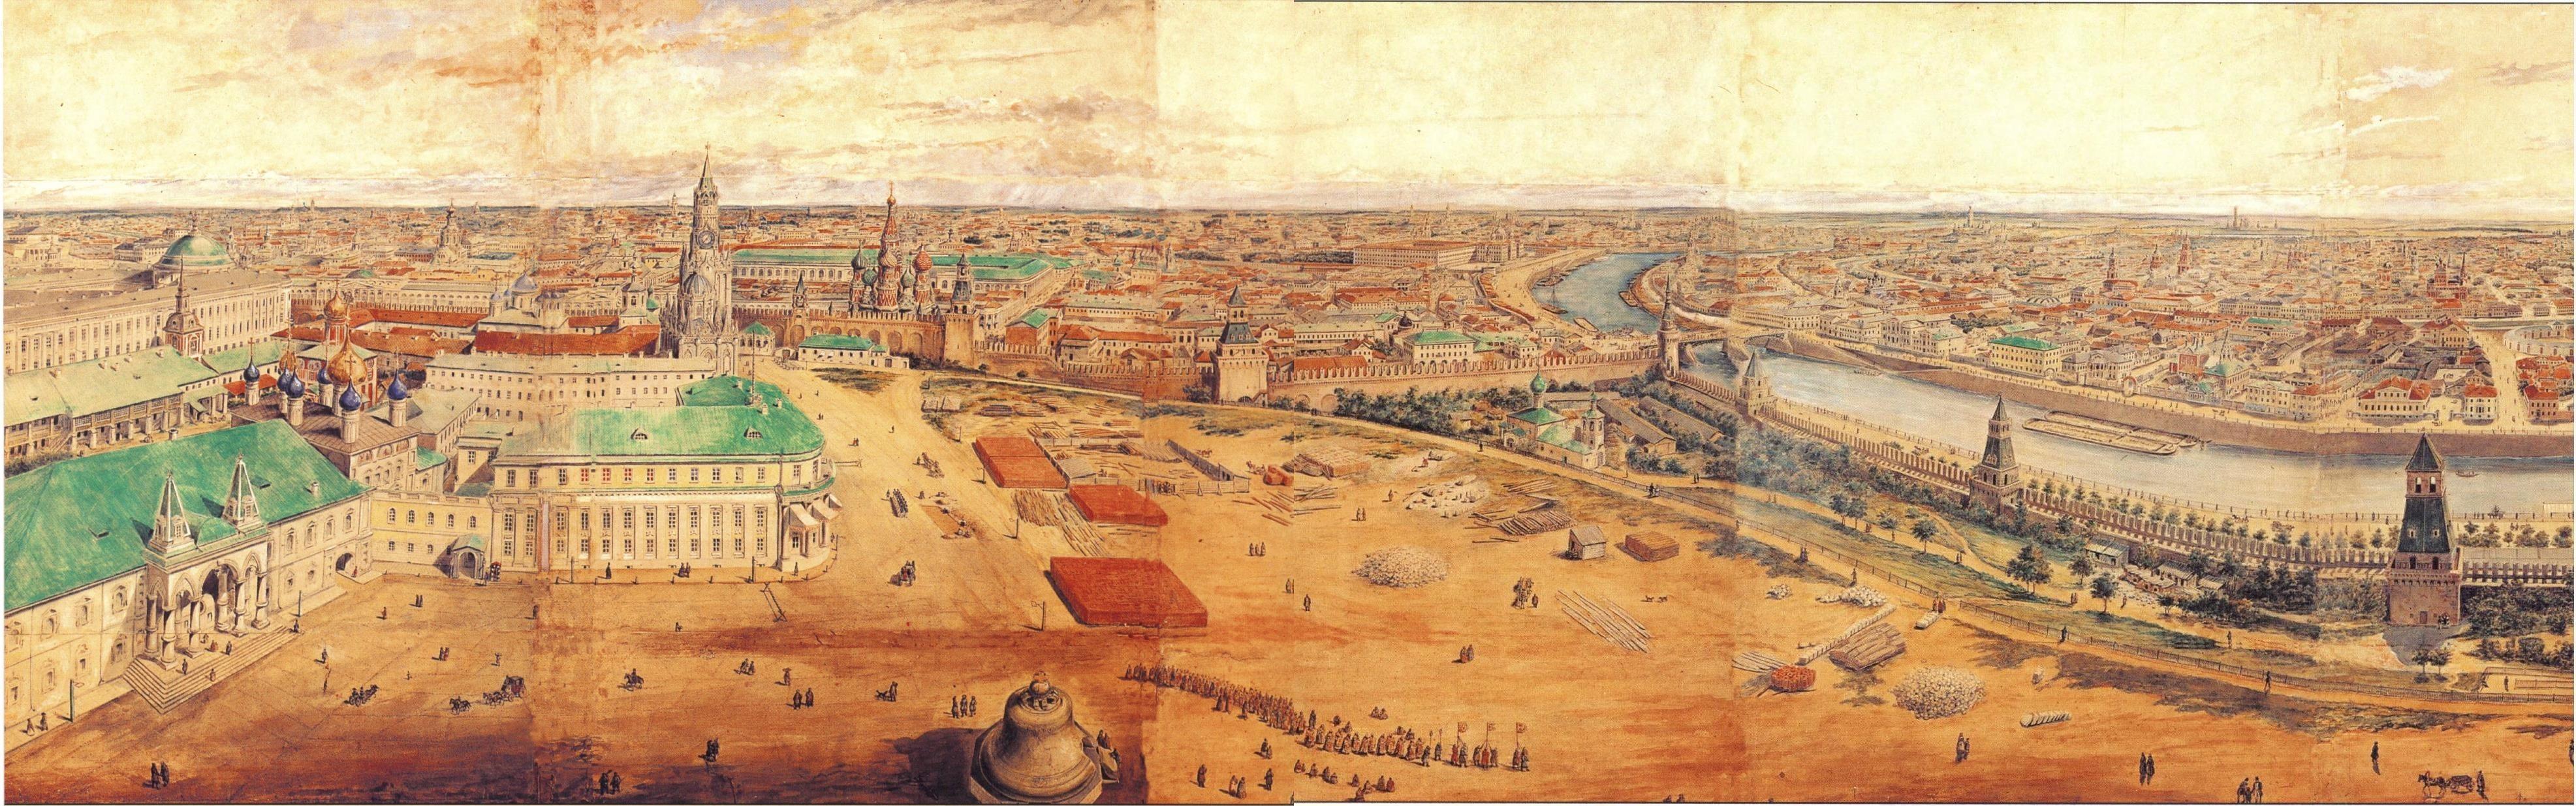 1845. Панорама Москвы и окрестностей